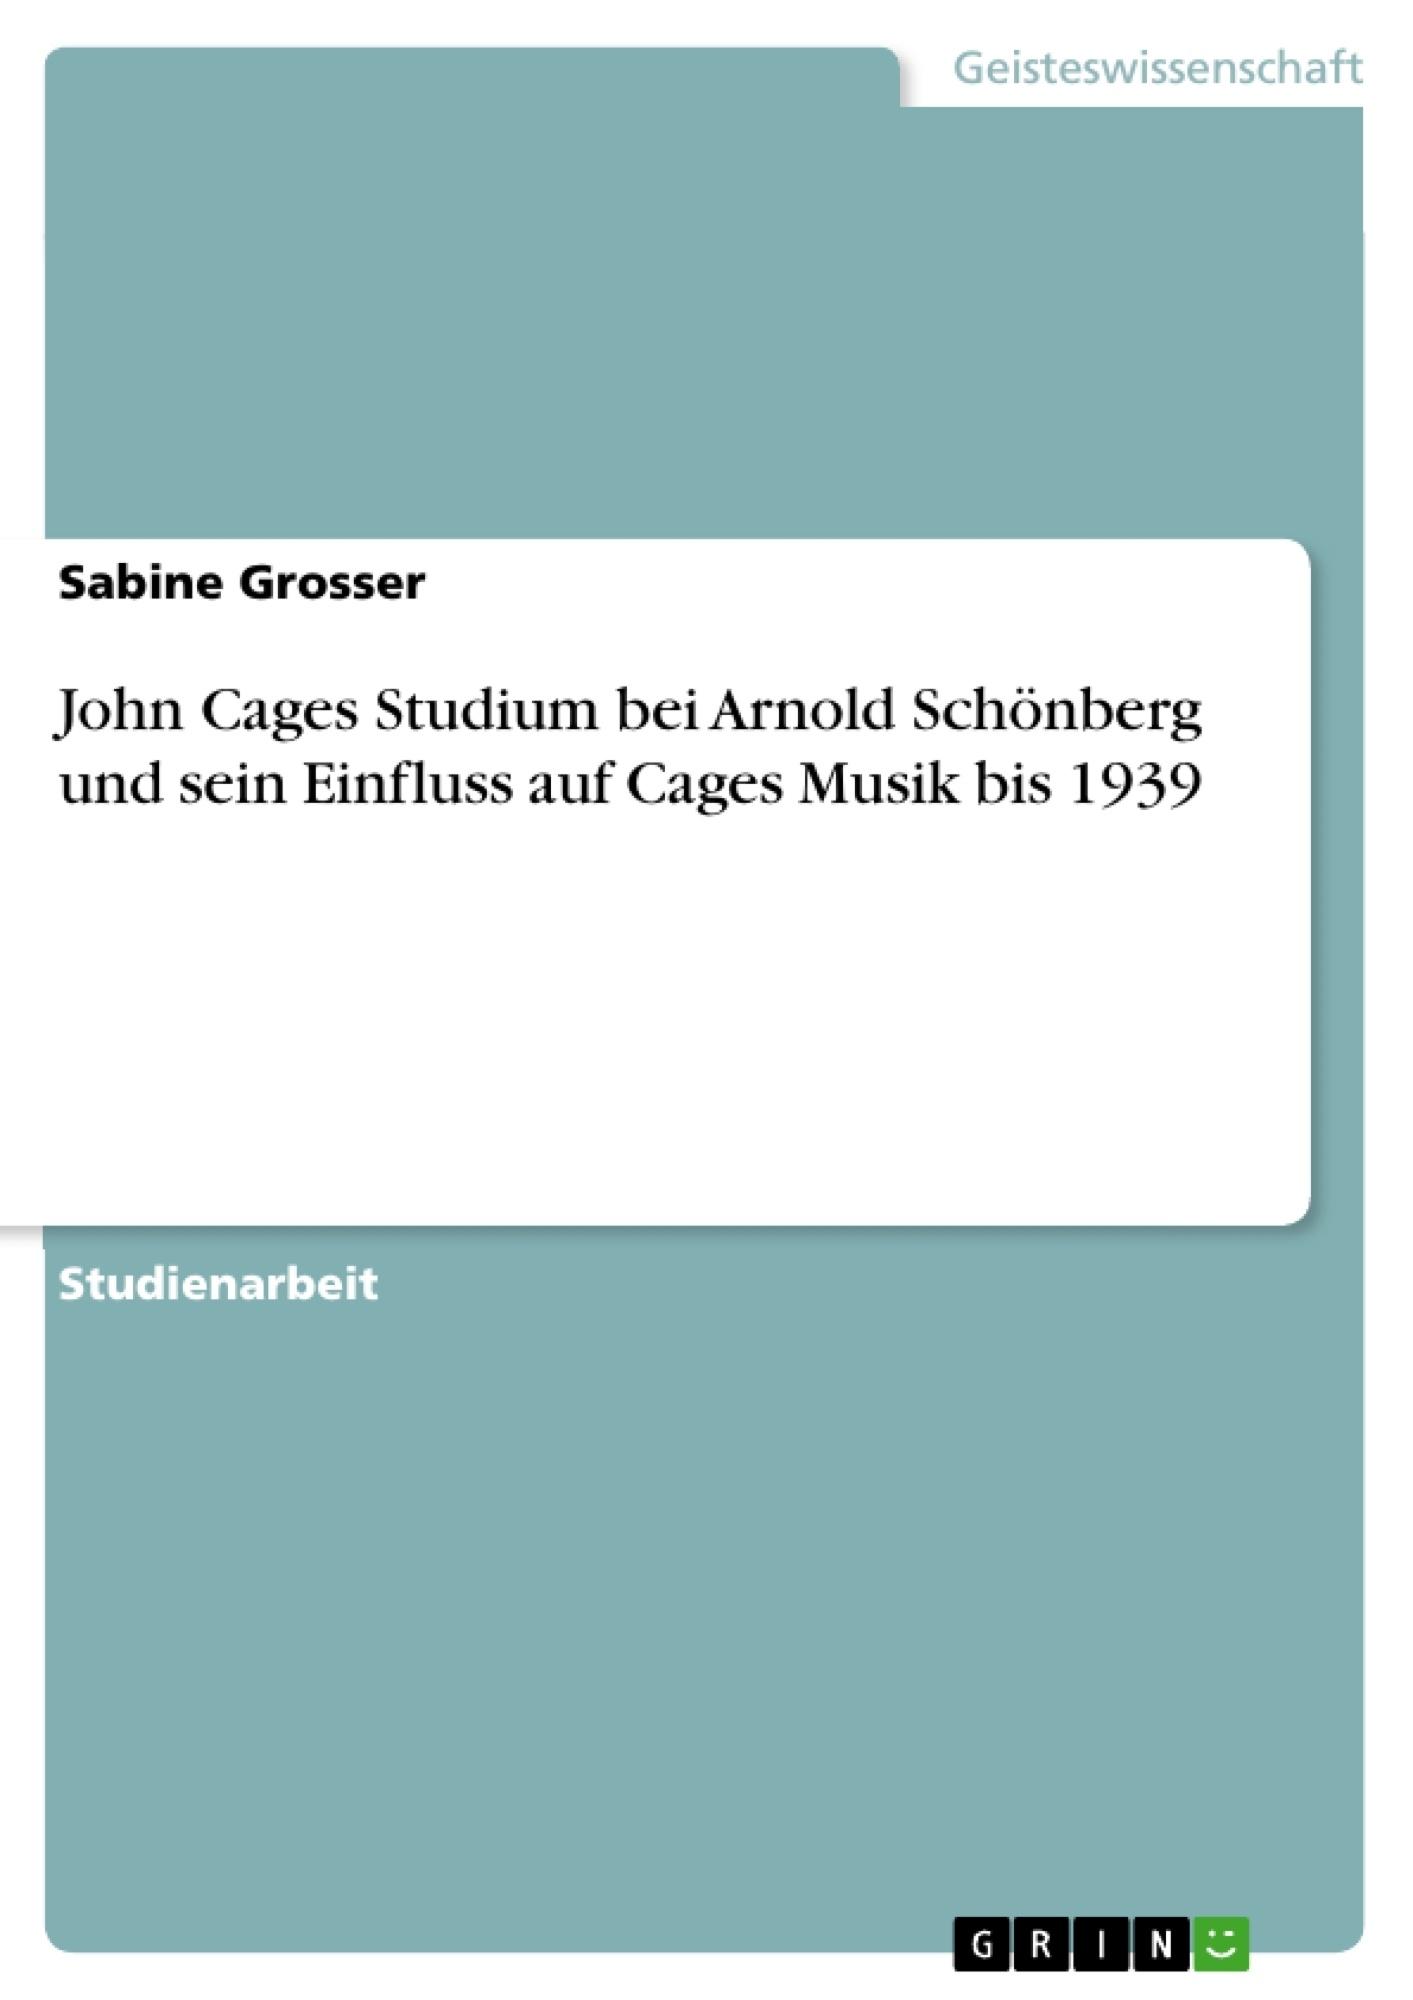 Titel: John Cages Studium bei Arnold Schönberg und sein Einfluss auf Cages Musik bis 1939